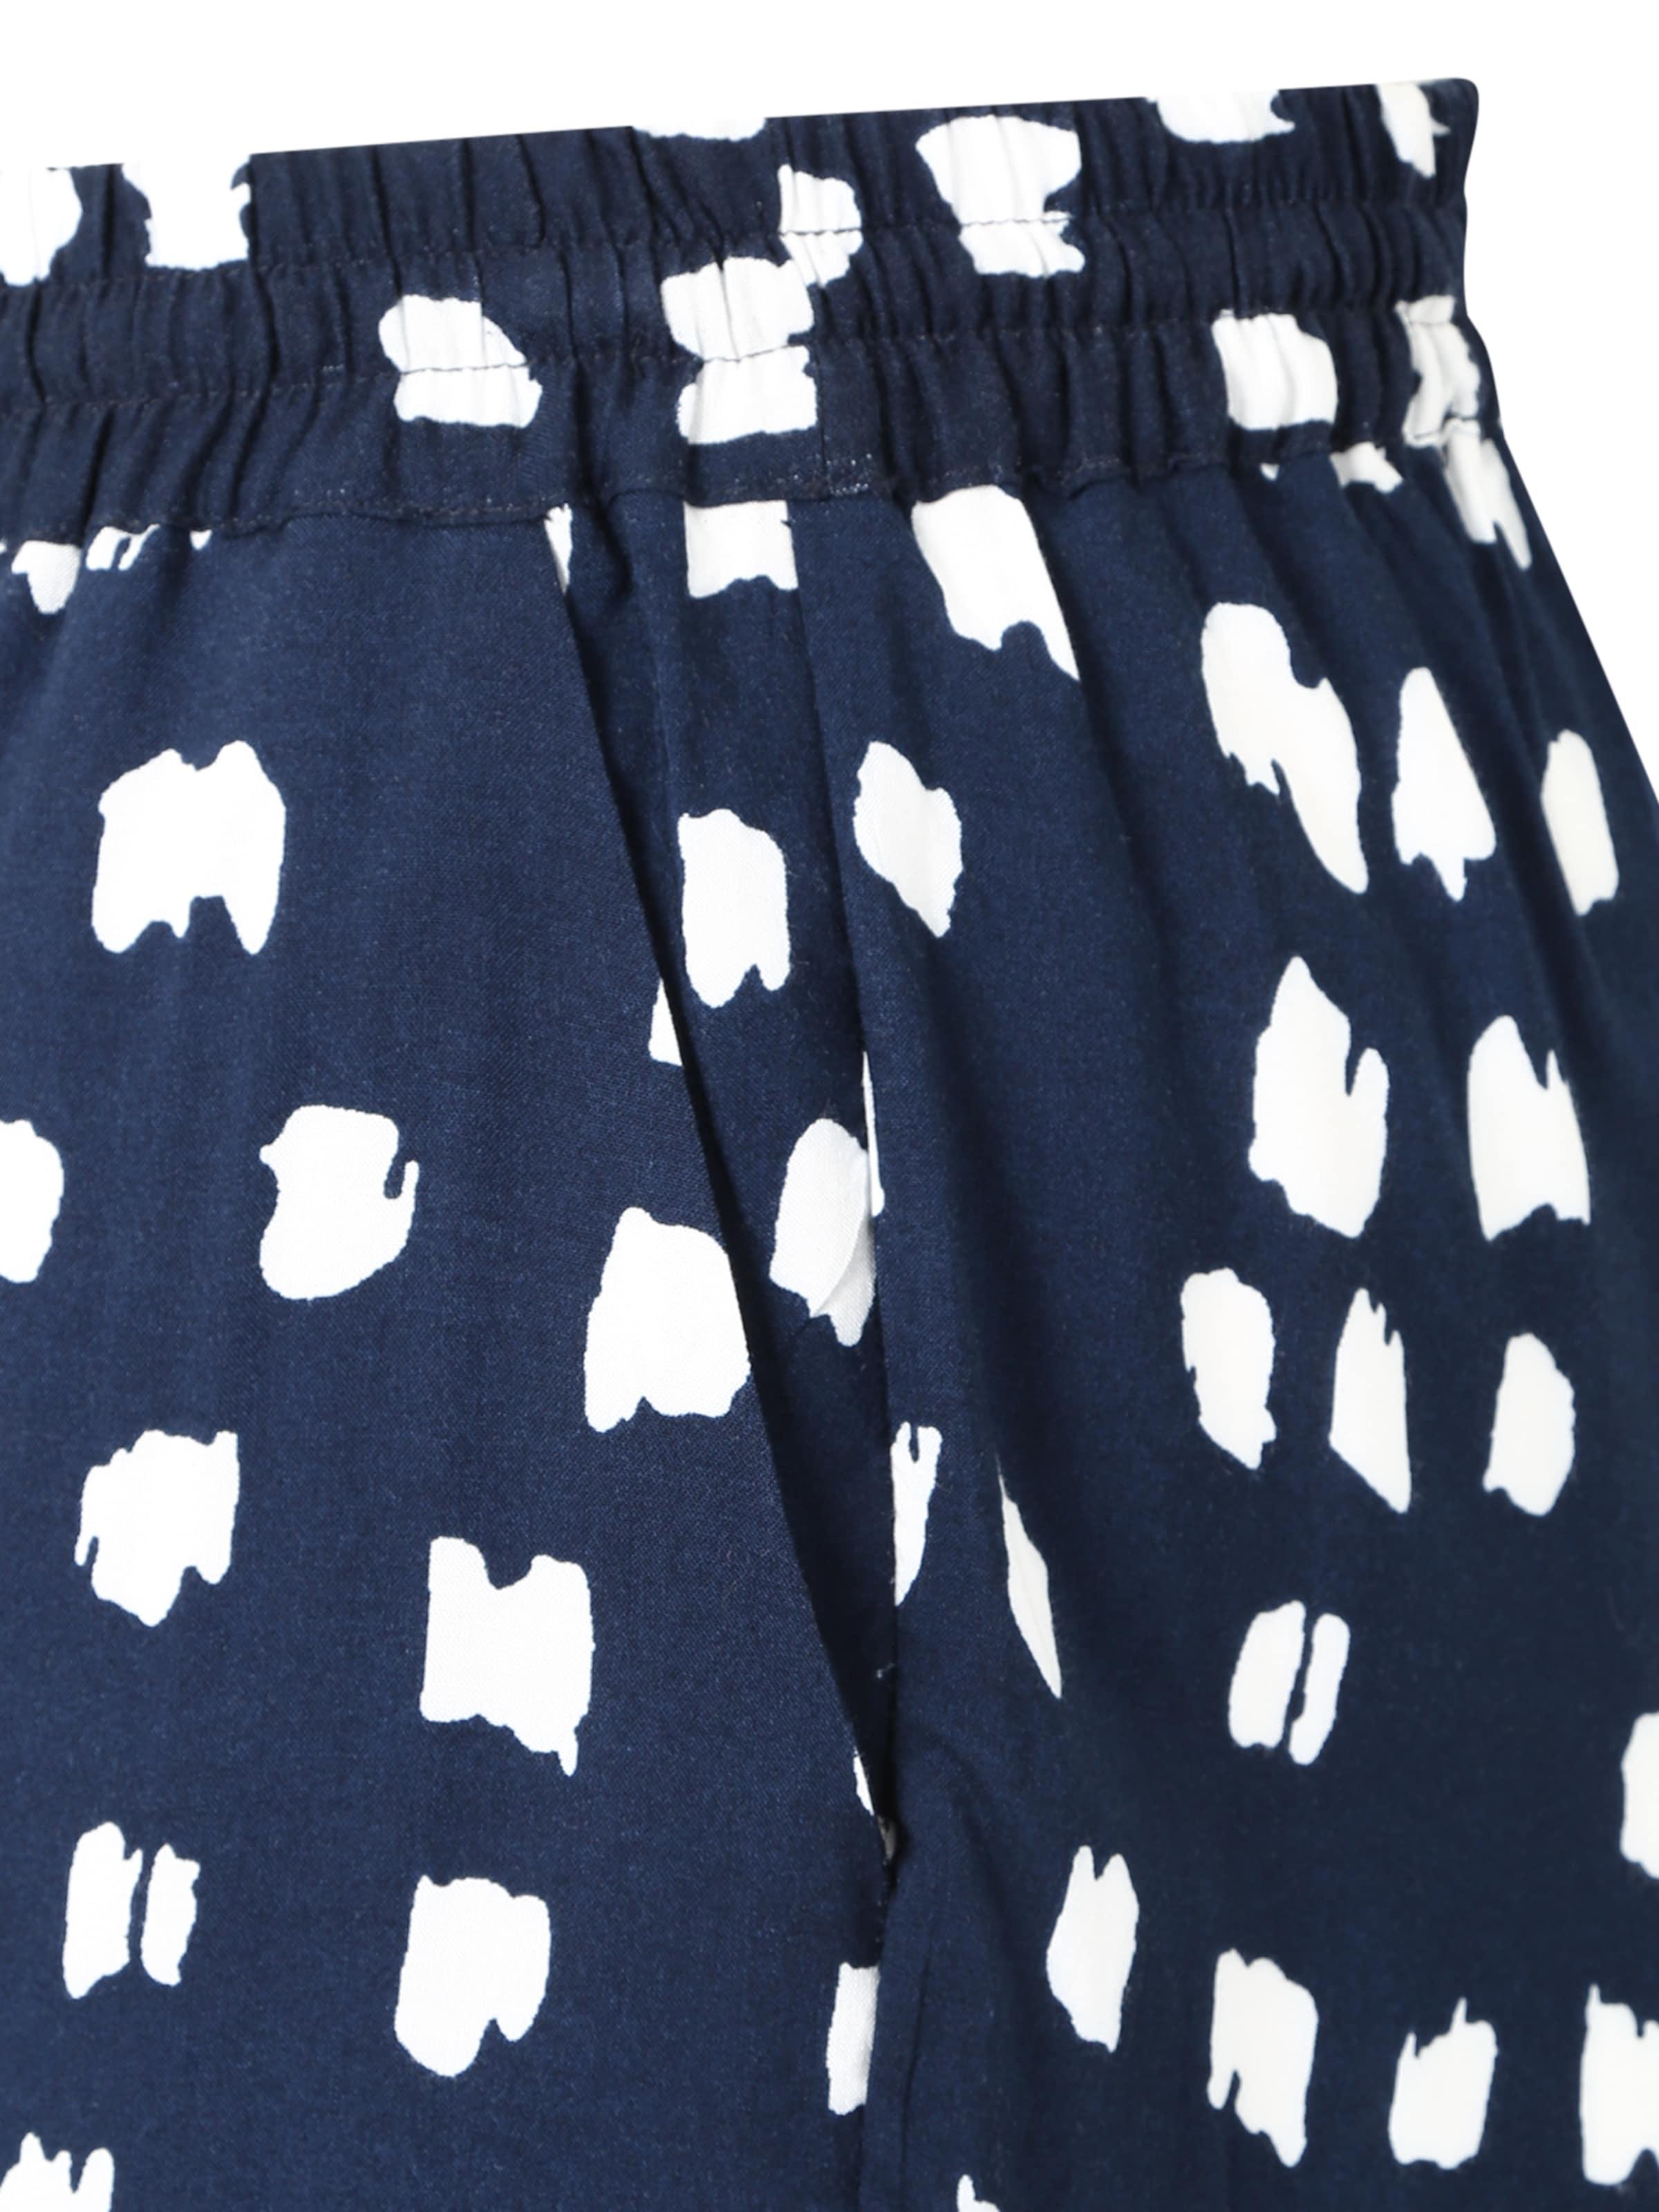 FoncéBlanc En Pantalon Bleu En Zizzi Zizzi Pantalon wOPTZXkui